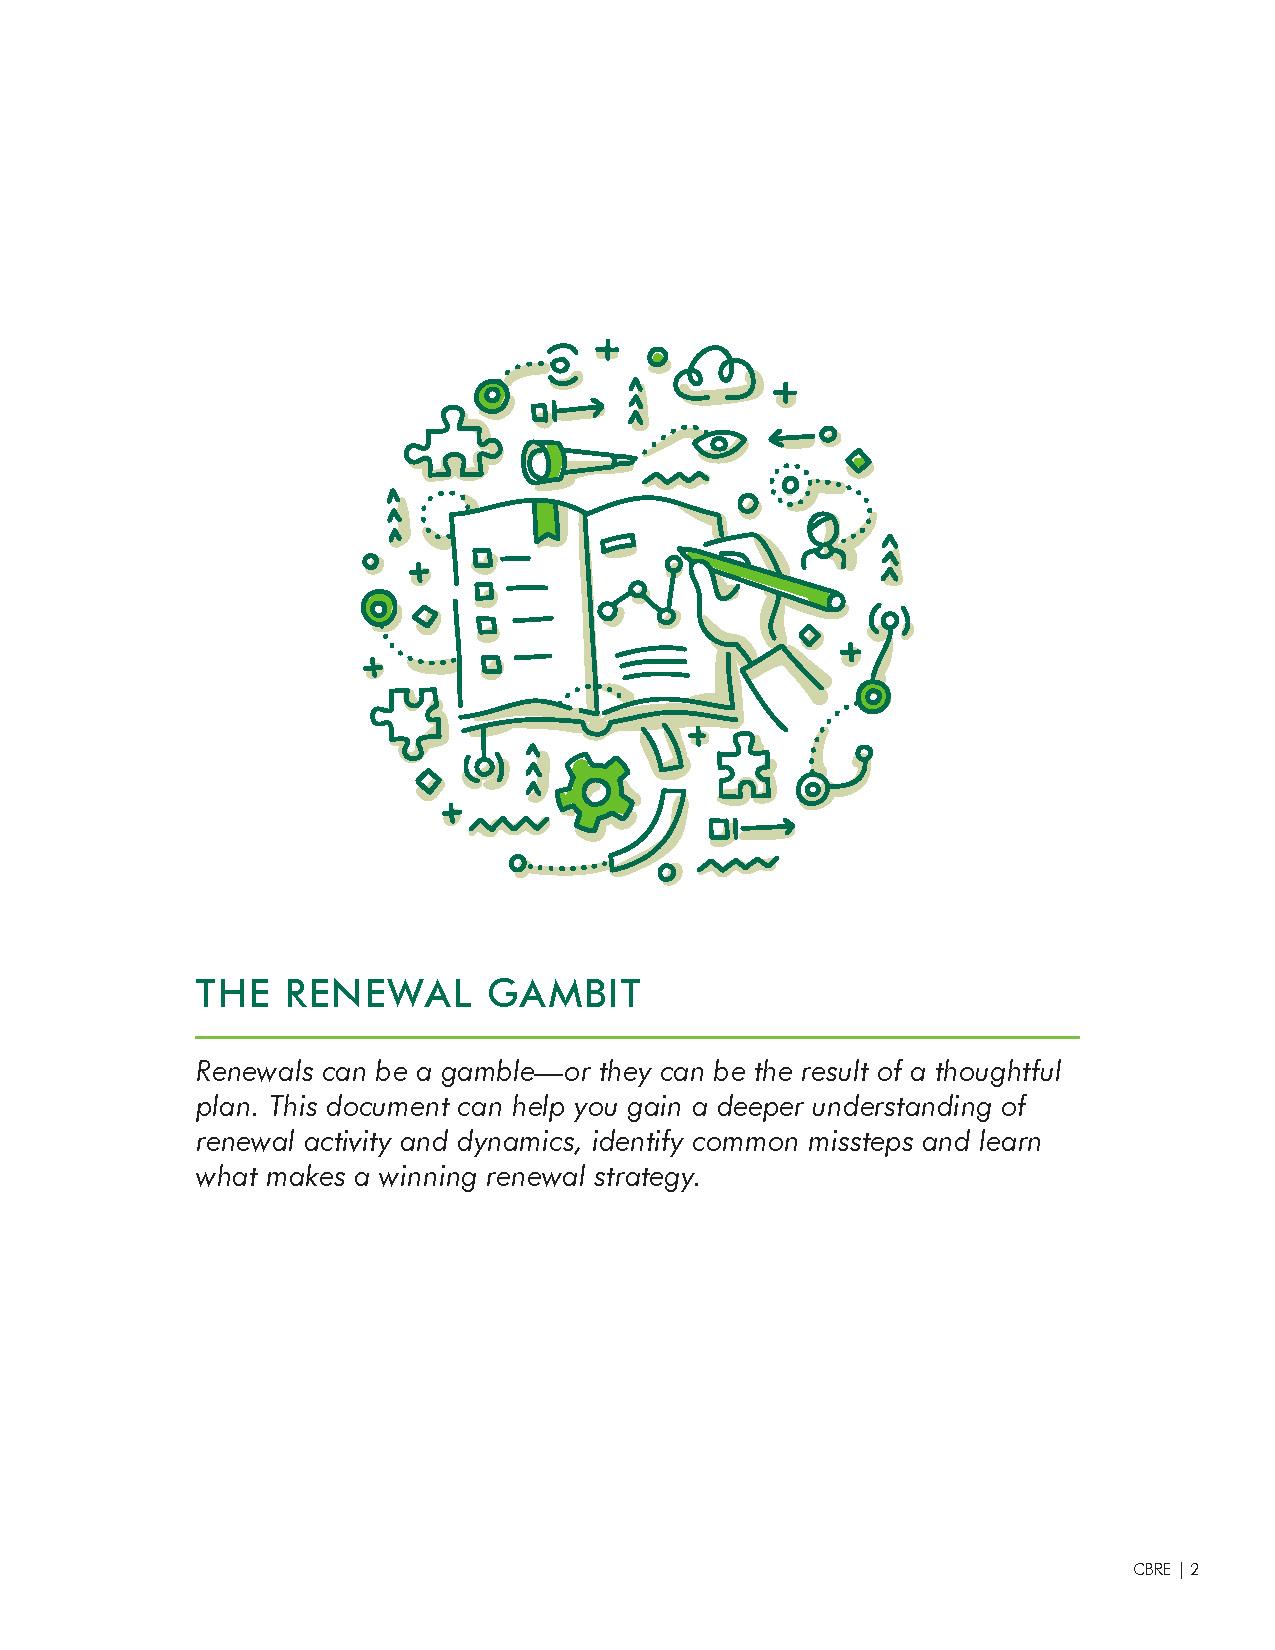 Renewal Gambit_July 2017_Page_2.jpg